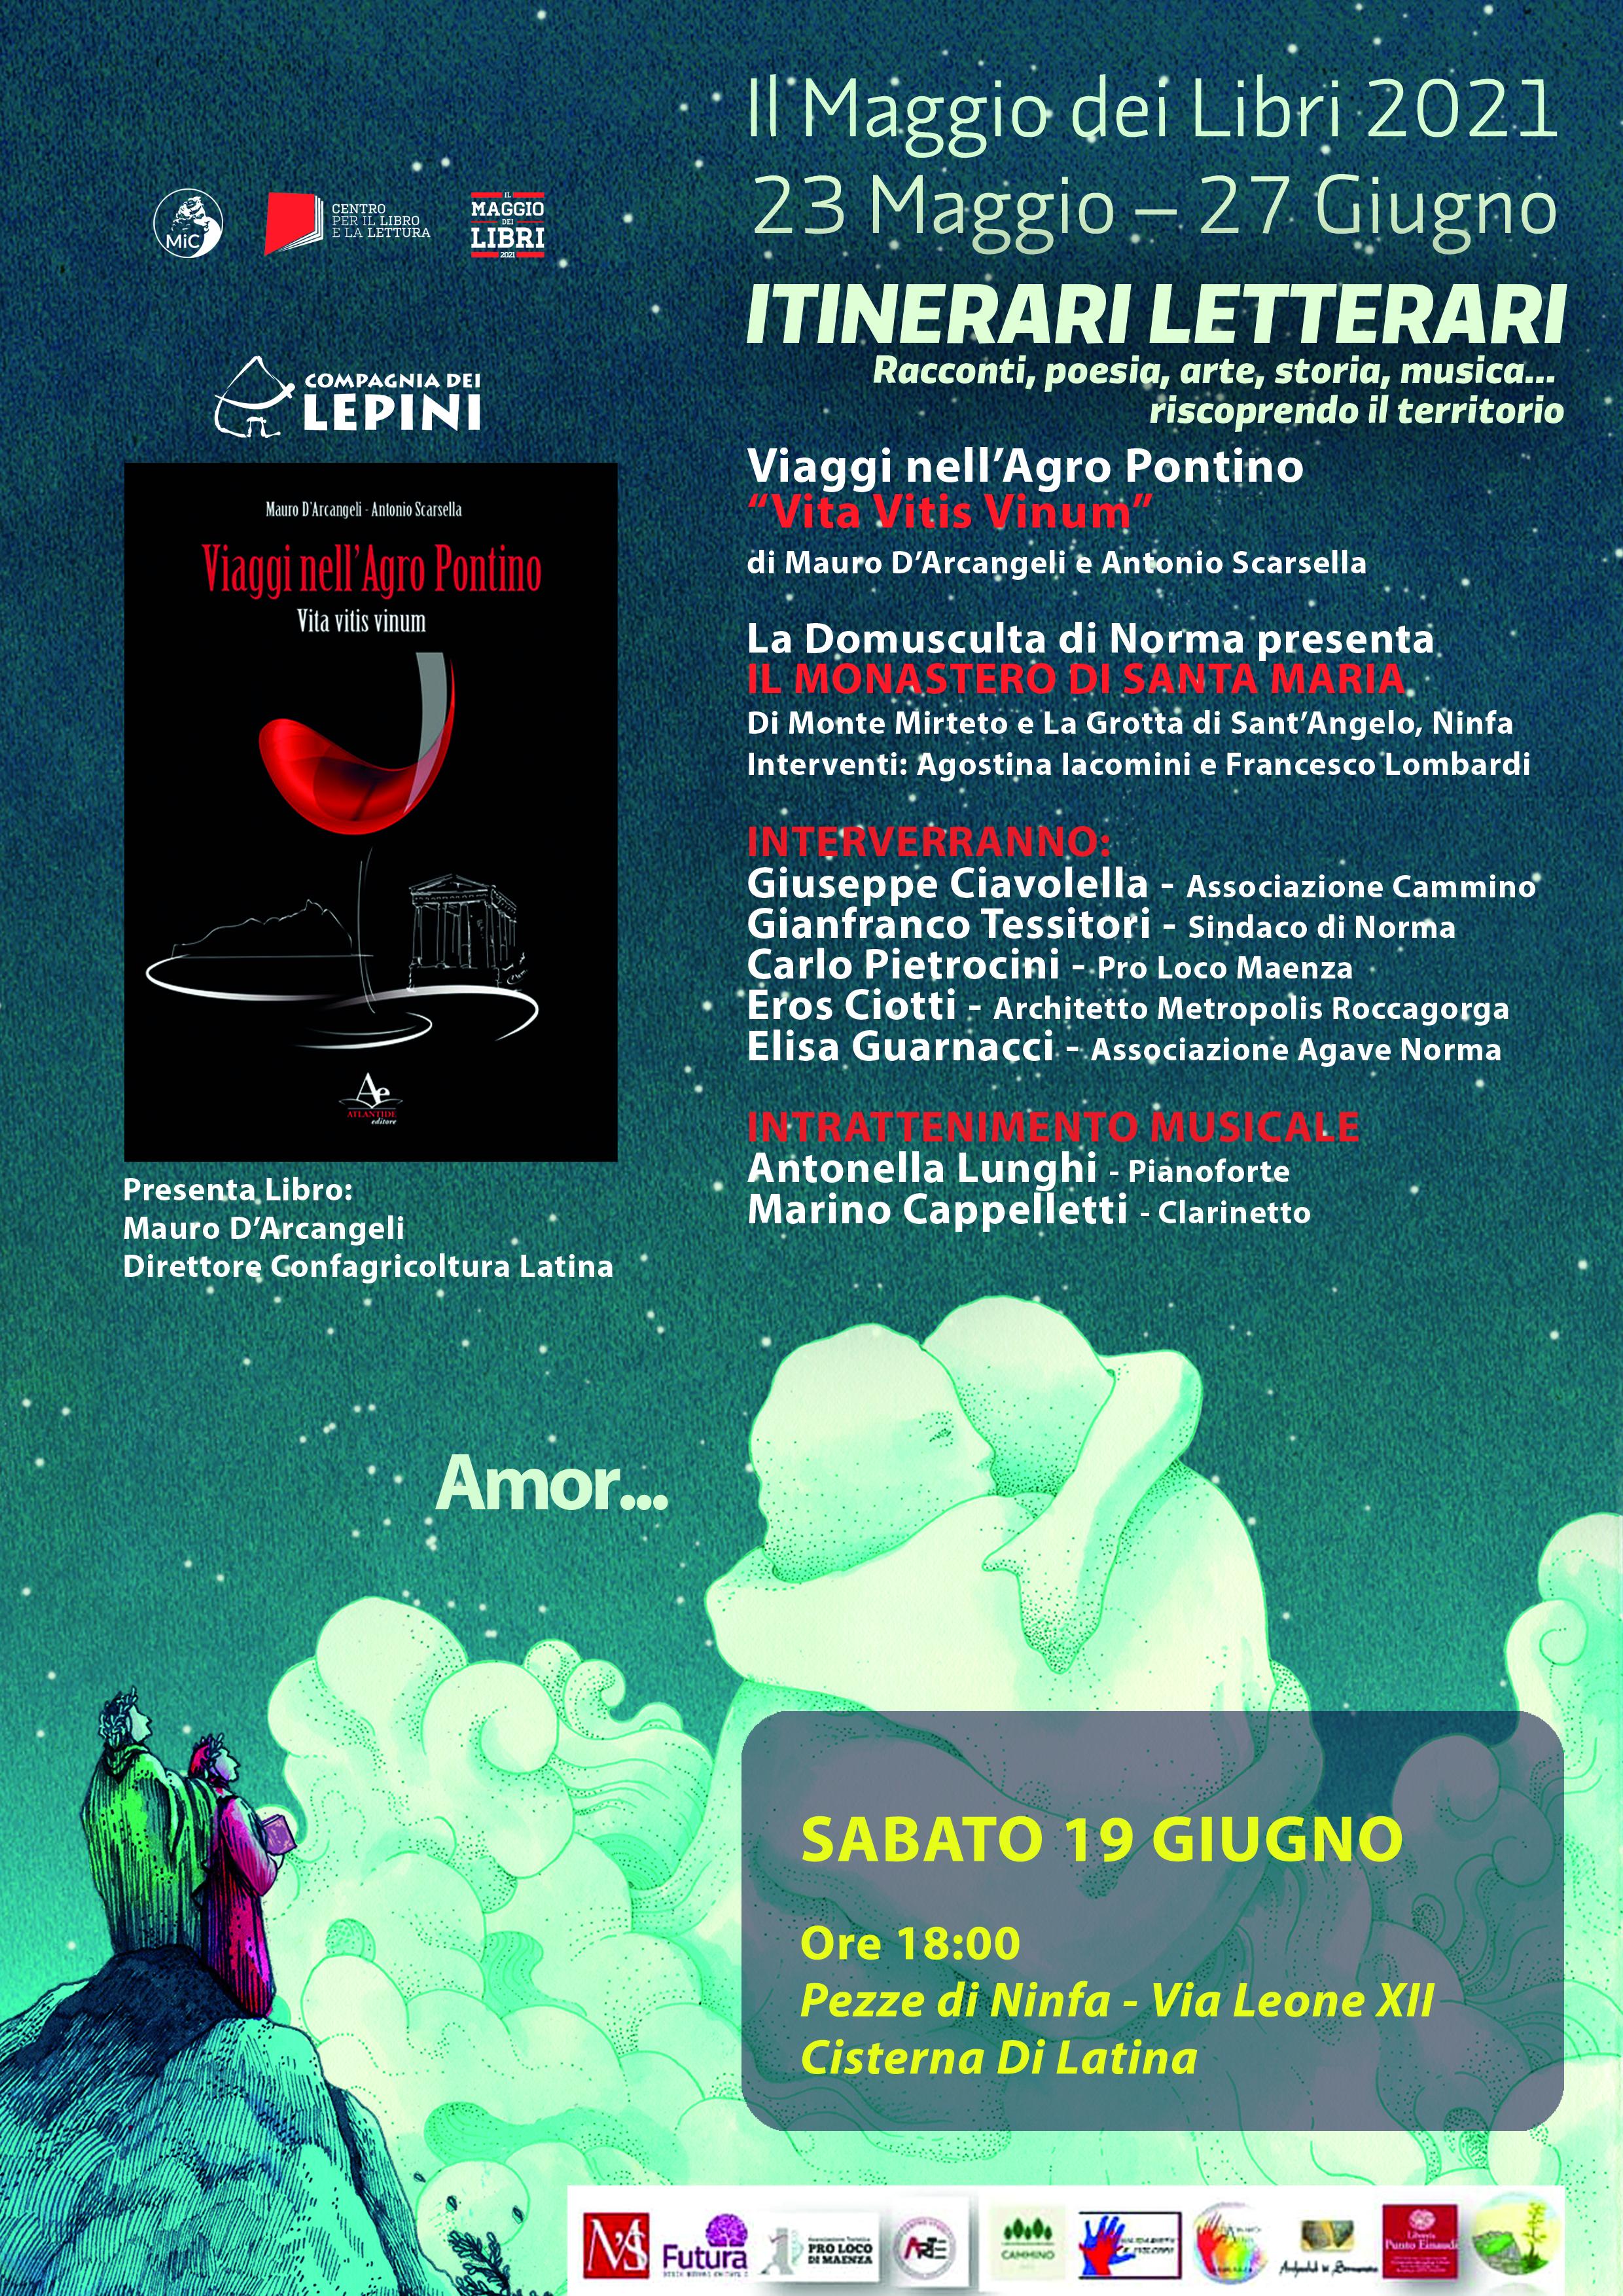 Il Maggio dei Libri 2021 - Itinerari letterari: racconti, poesia, arte, storia, musica... riscoprendo il territorio @ Cisterna di Latina